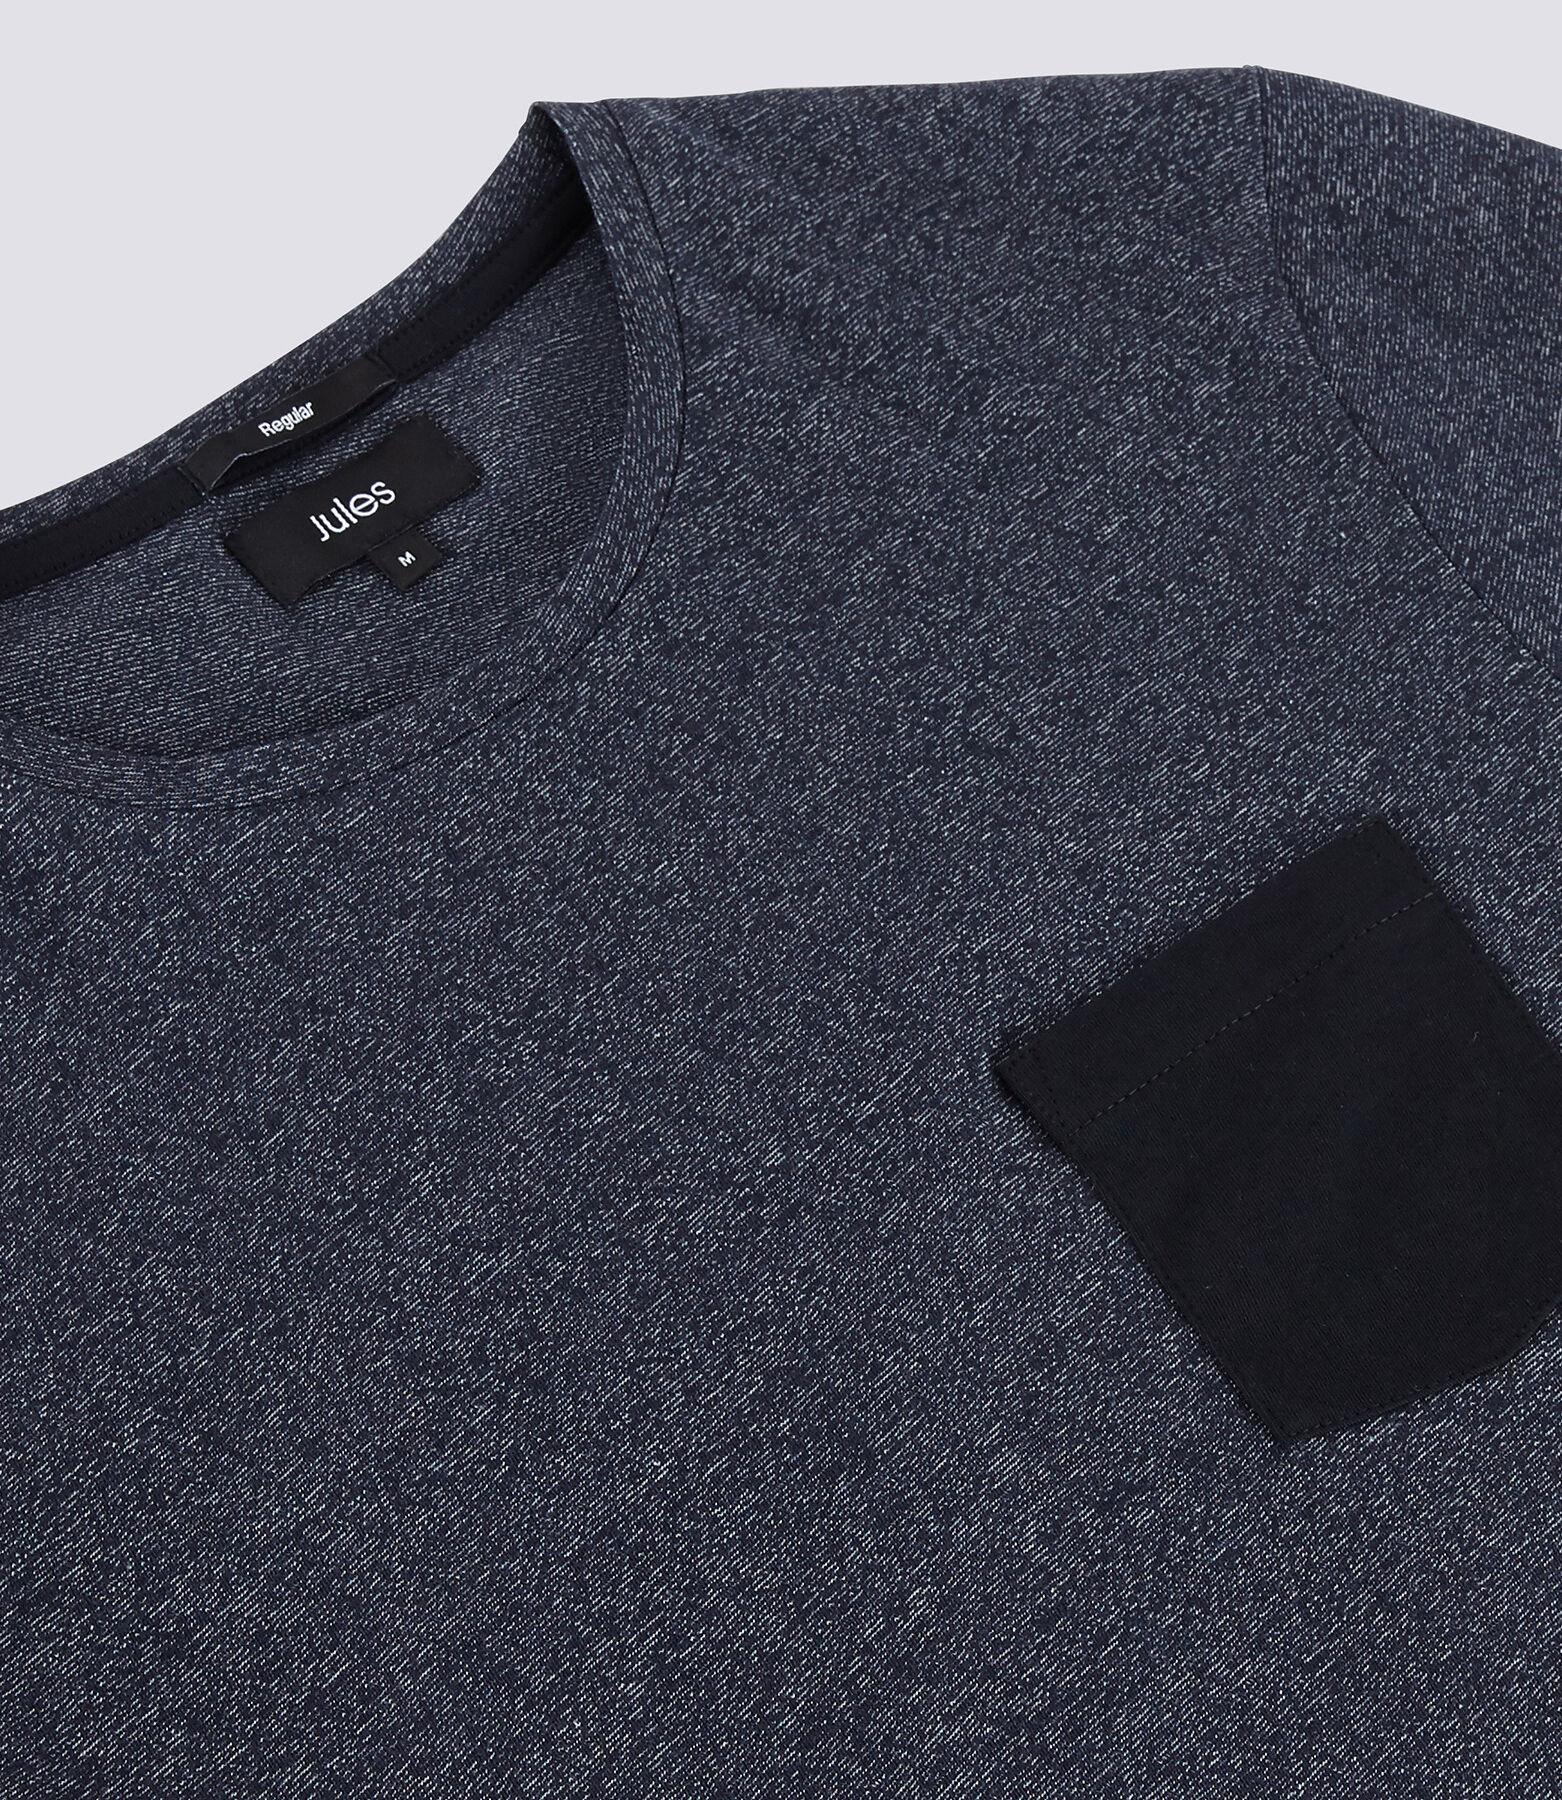 T-shirt matière fantaisie poche contrastée